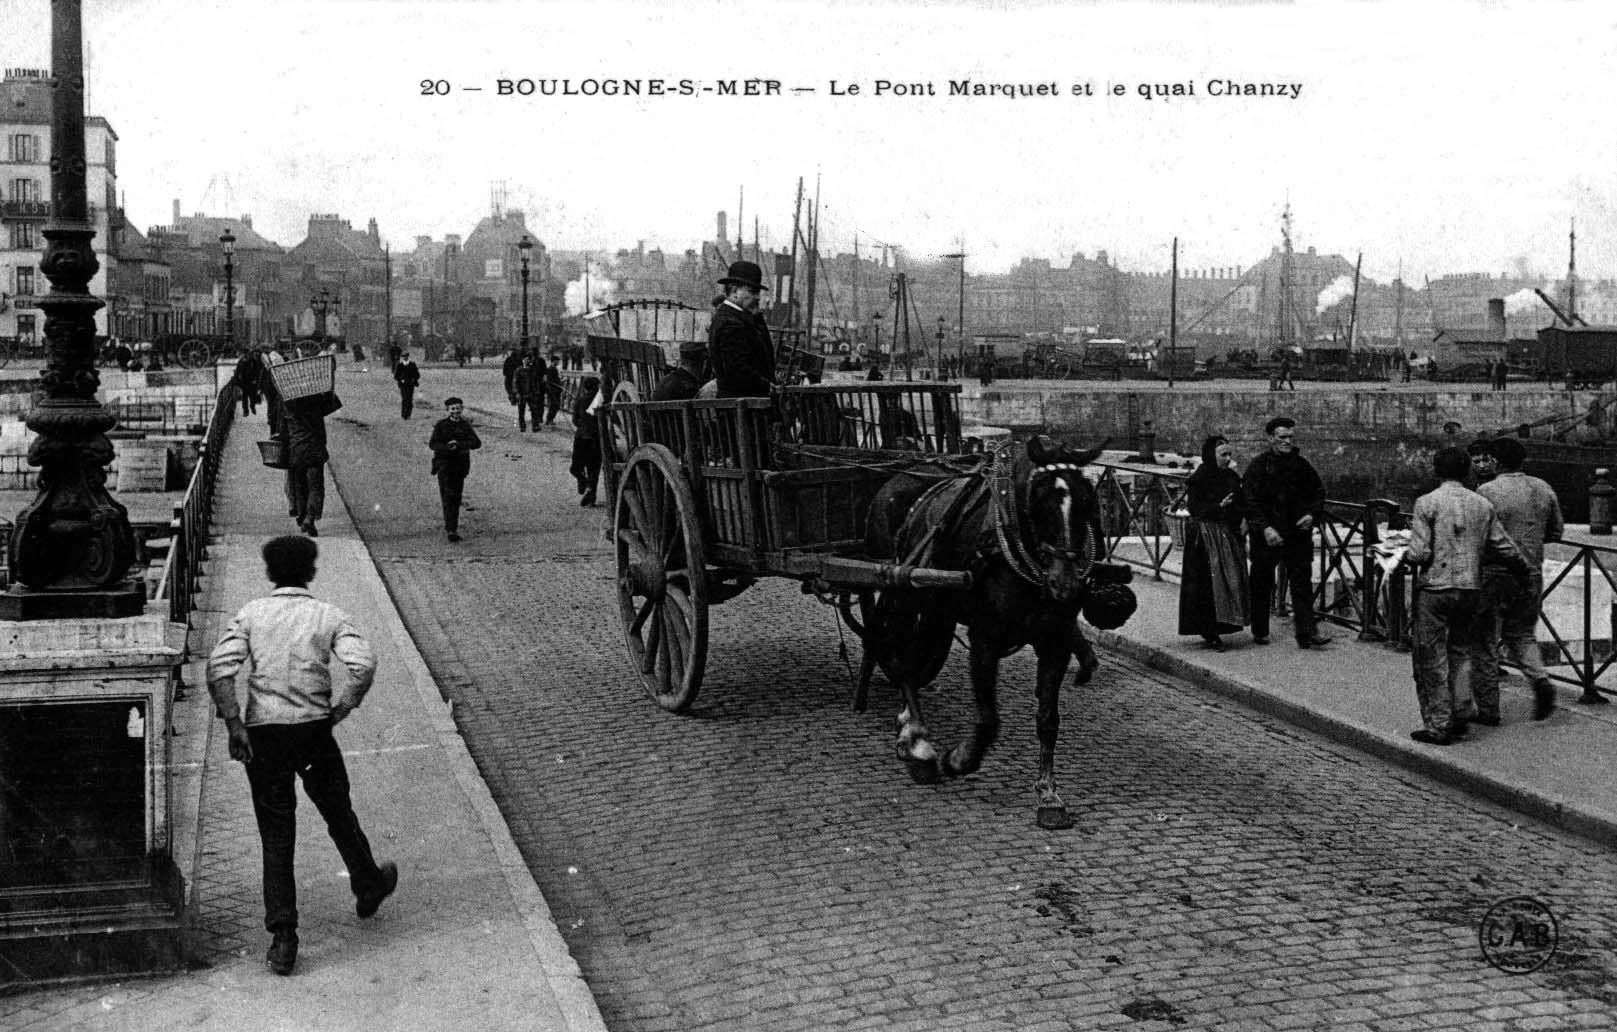 Boulogne sur mer vue du pont Marguet et du quai Chanzy